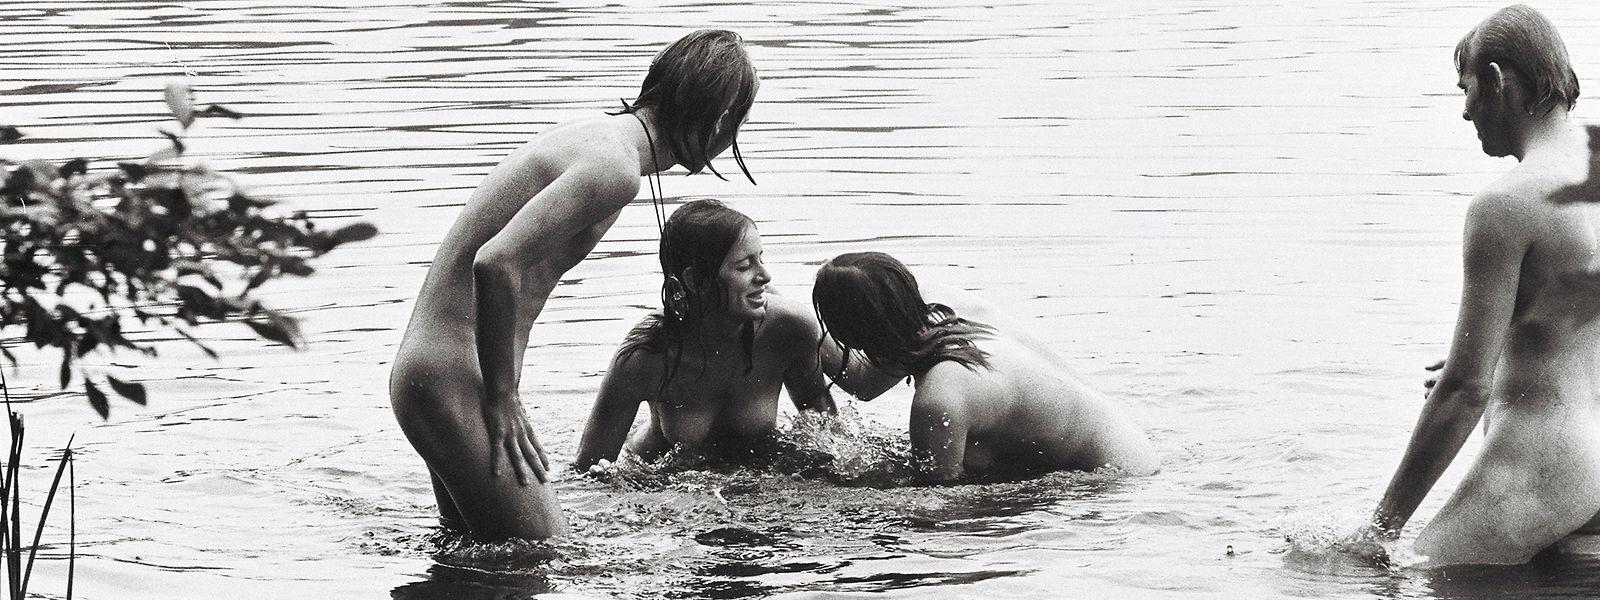 Freiheit und freie Liebe: Die Besucher des Woodstock-Festivals scheuten nicht vor nackten Tatsachen.